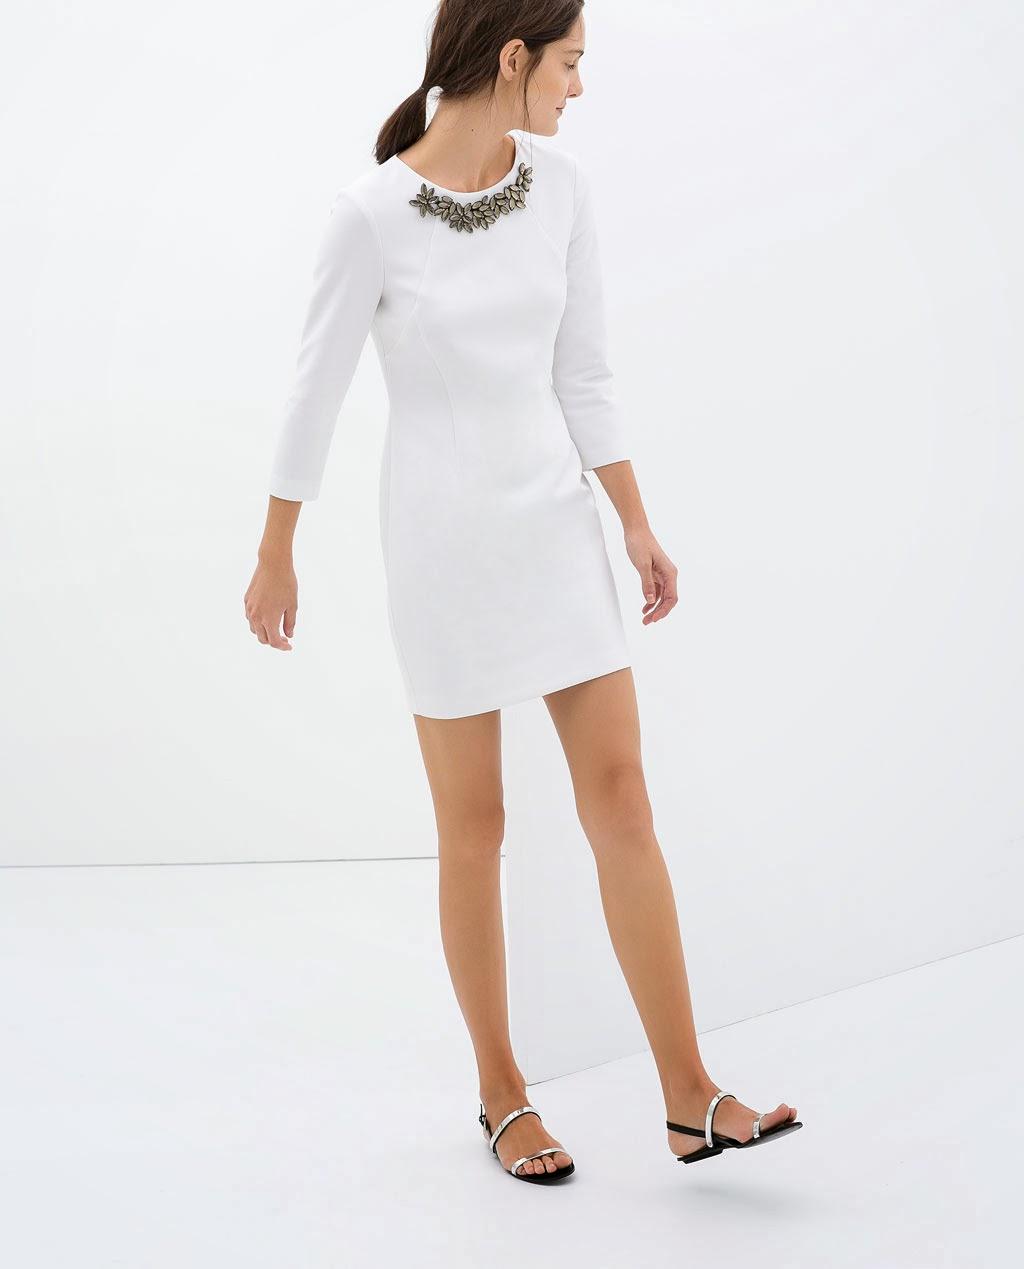 yaka işlemeli elbise, beyaz elbise, kısa elbise